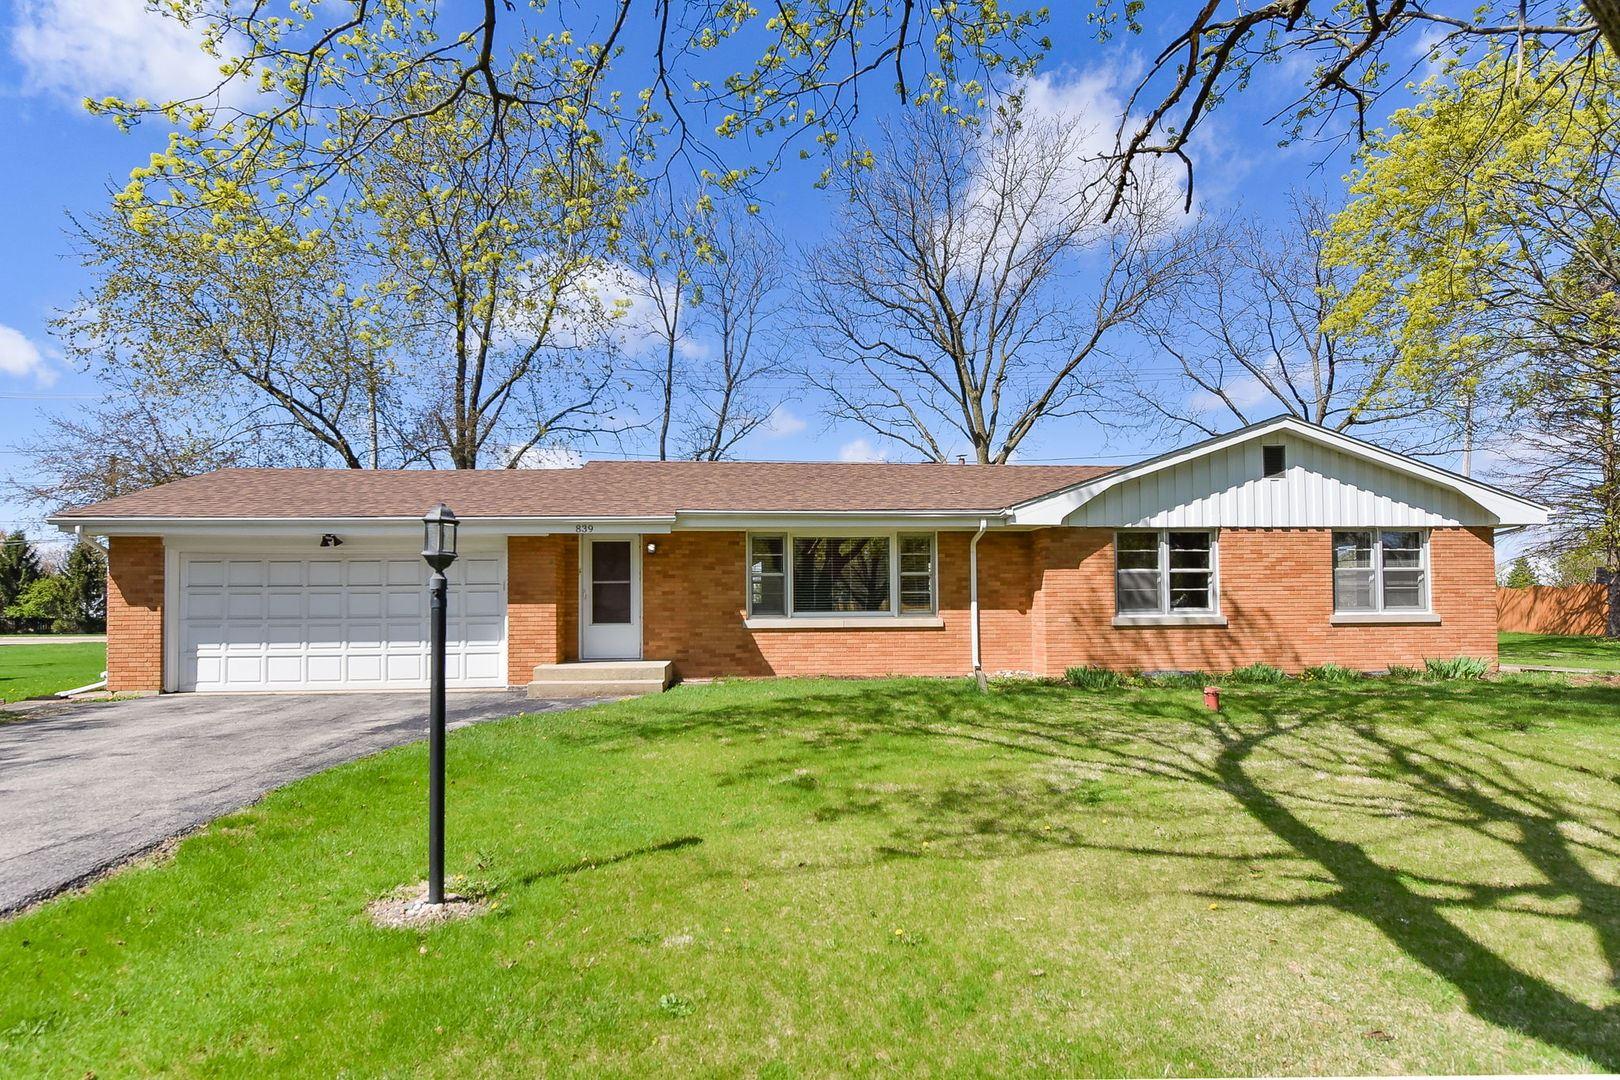 839 Whitlock Avenue, Aurora, IL 60506 - #: 11034138